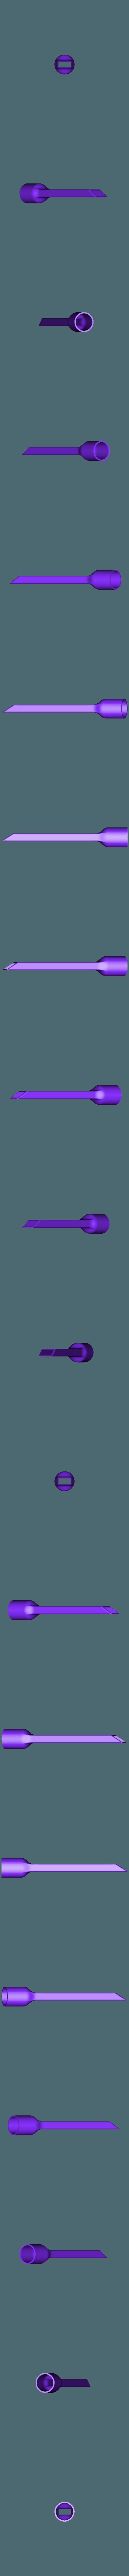 boquilla_horizontal_orbegozo_larga_v3.stl Télécharger fichier STL gratuit Aspirateur orbital à buse horizontale APC 7500 • Objet imprimable en 3D, NeoTech76